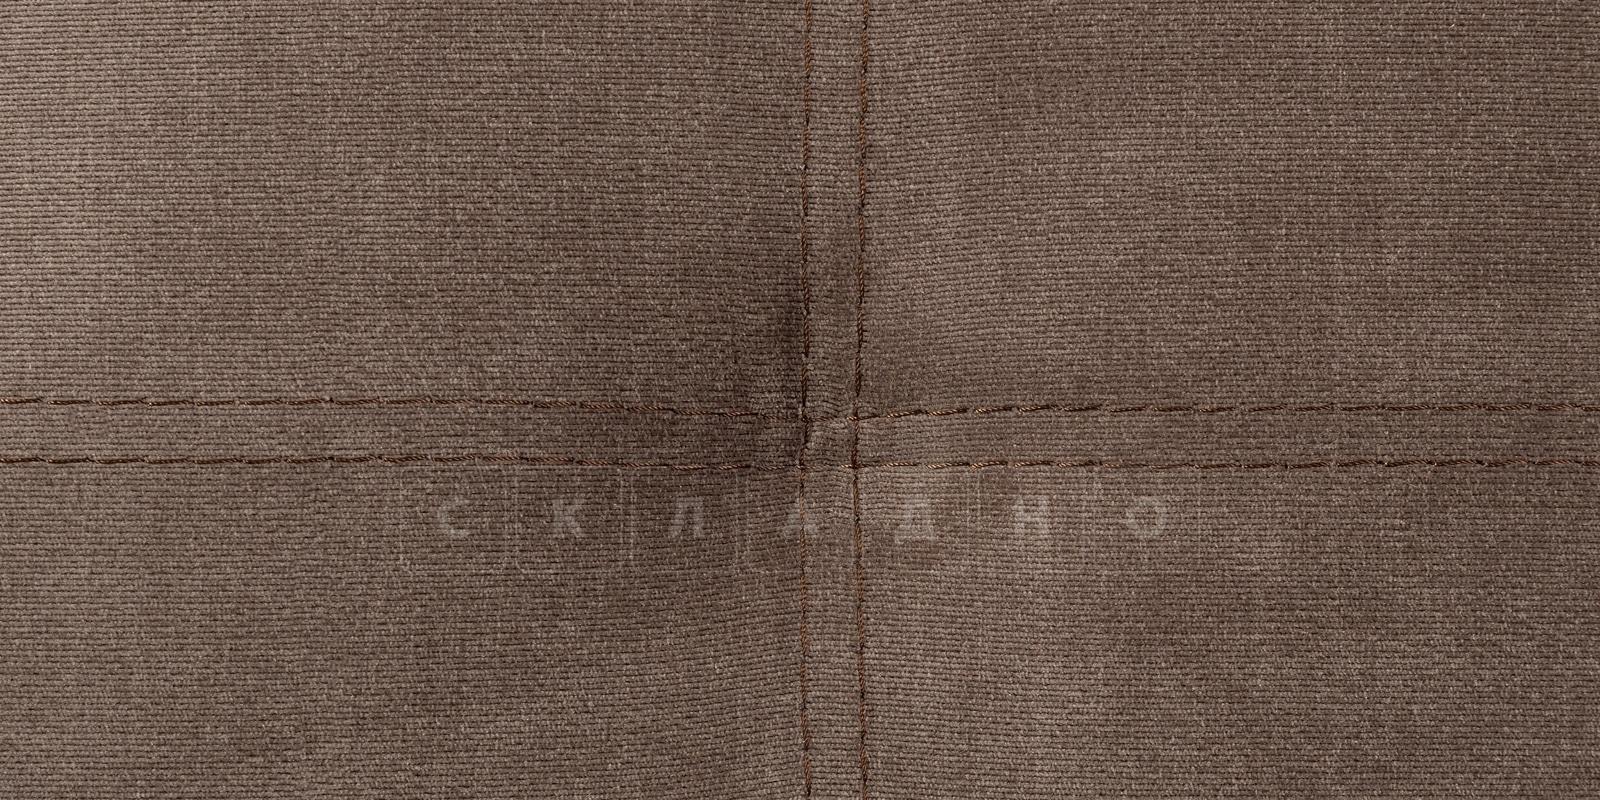 Диван Атланта вельвет светло-коричневый фото 7 | интернет-магазин Складно